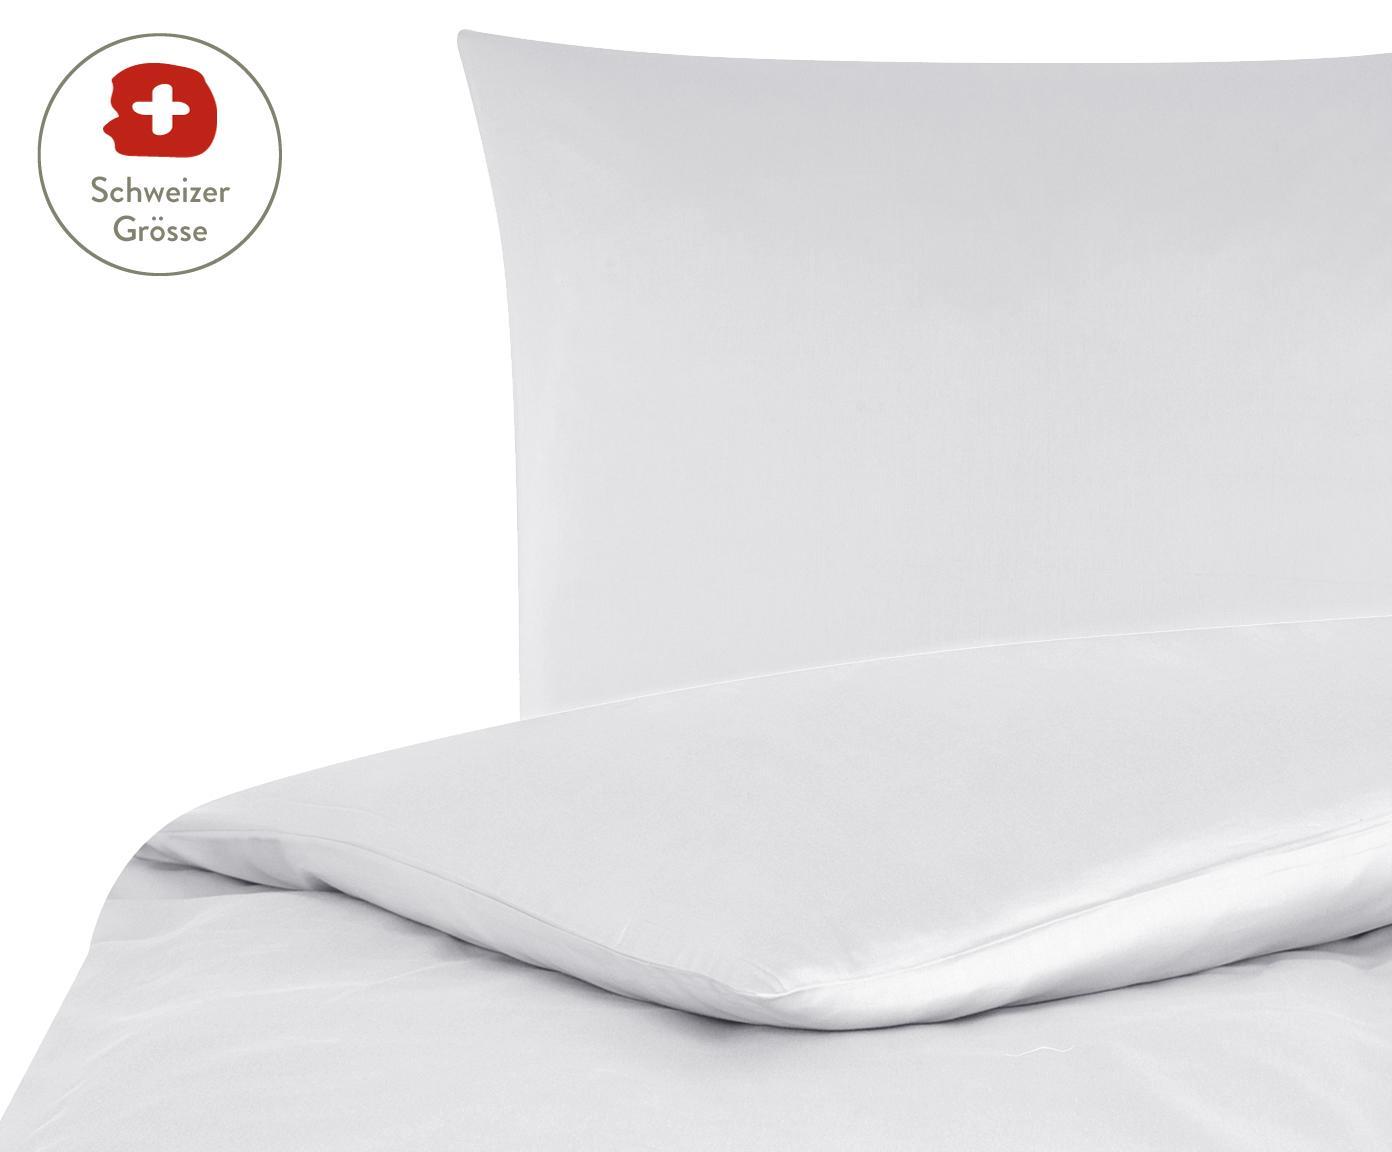 Baumwollsatin-Bettdeckenbezug Comfort in Hellgrau, Webart: Satin, leicht glänzend, Hellgrau, 160 x 210 cm